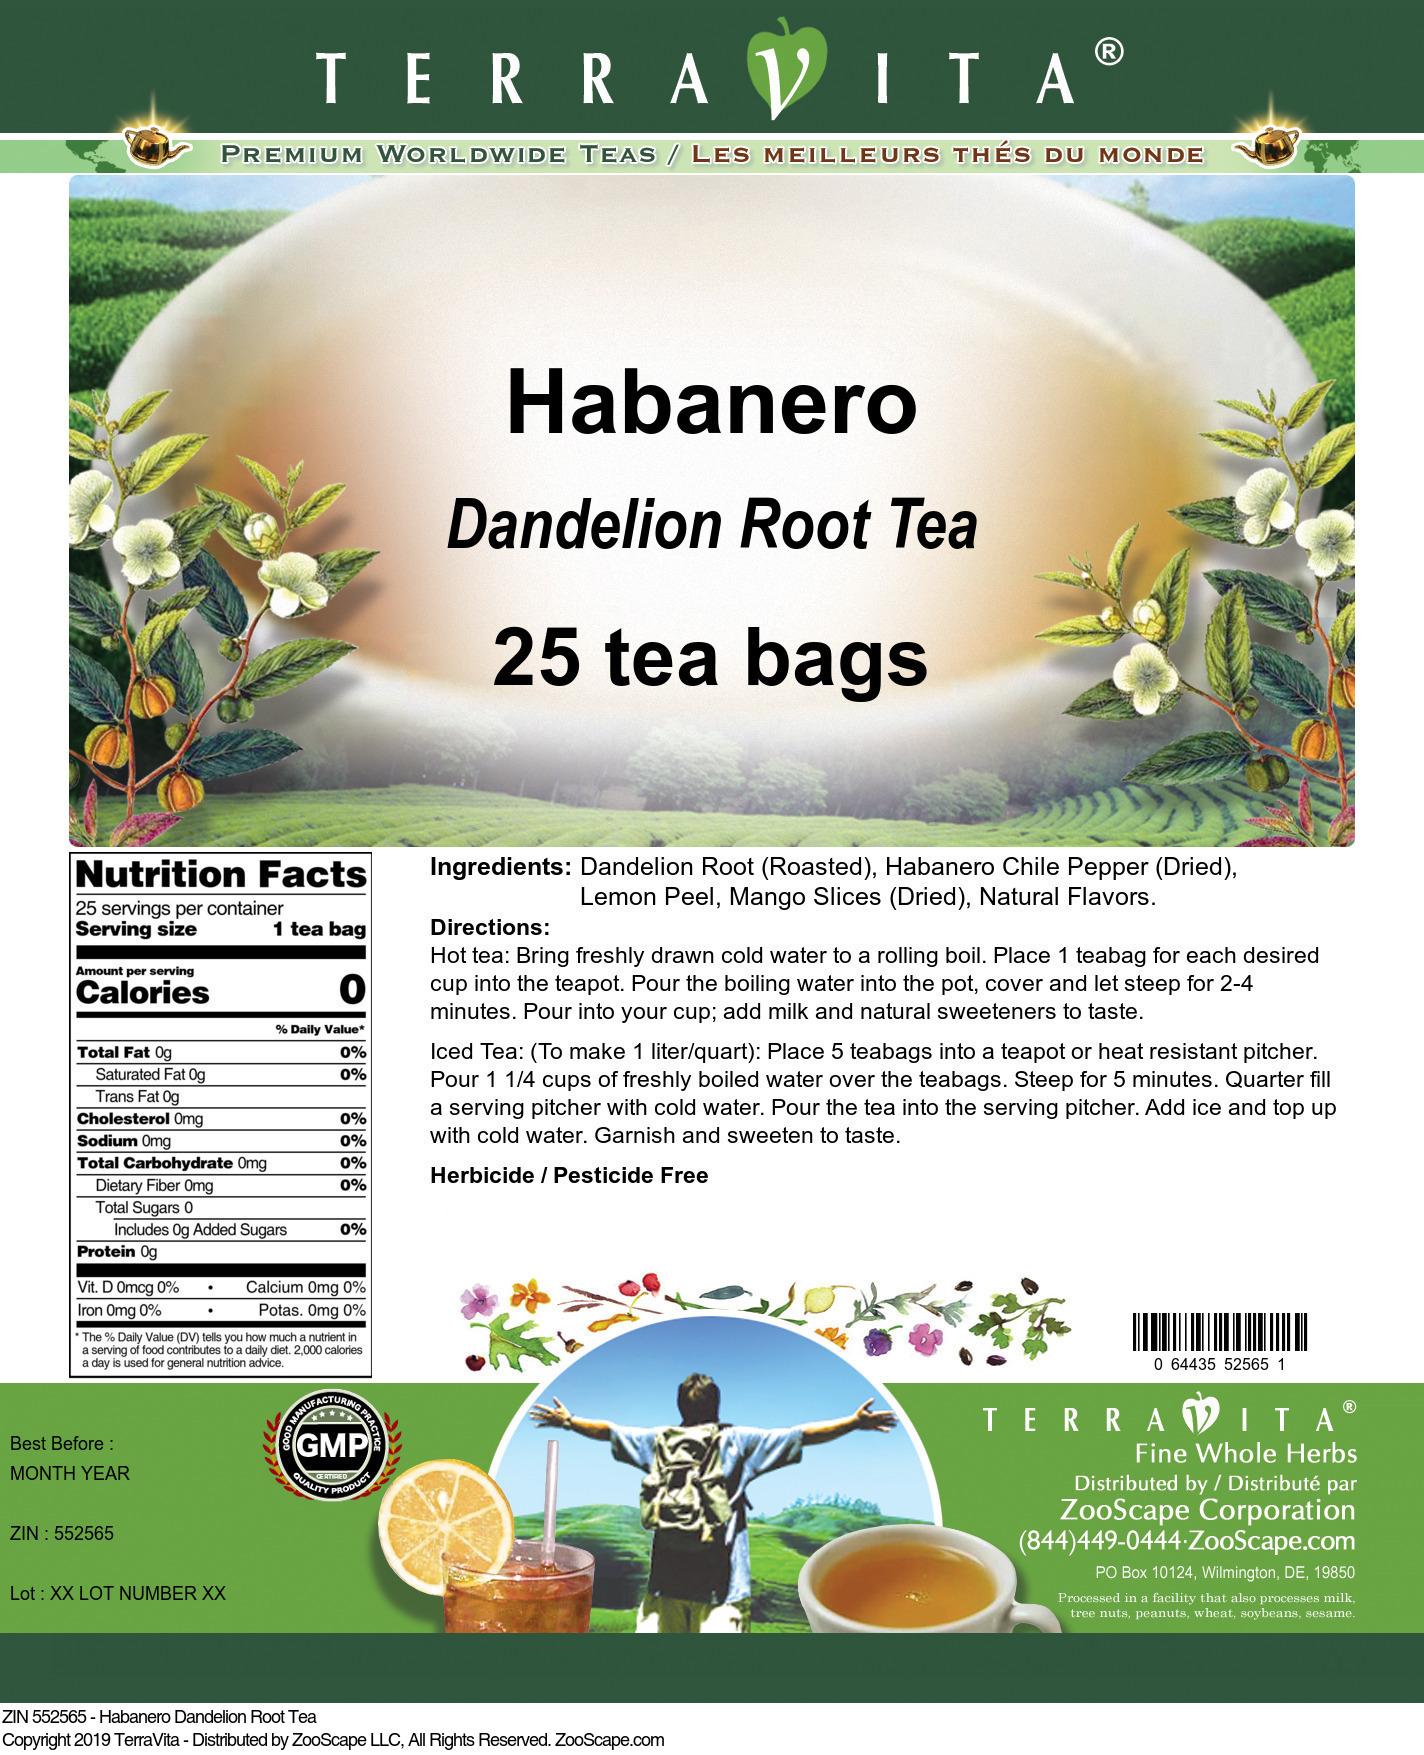 Habanero Dandelion Root Tea